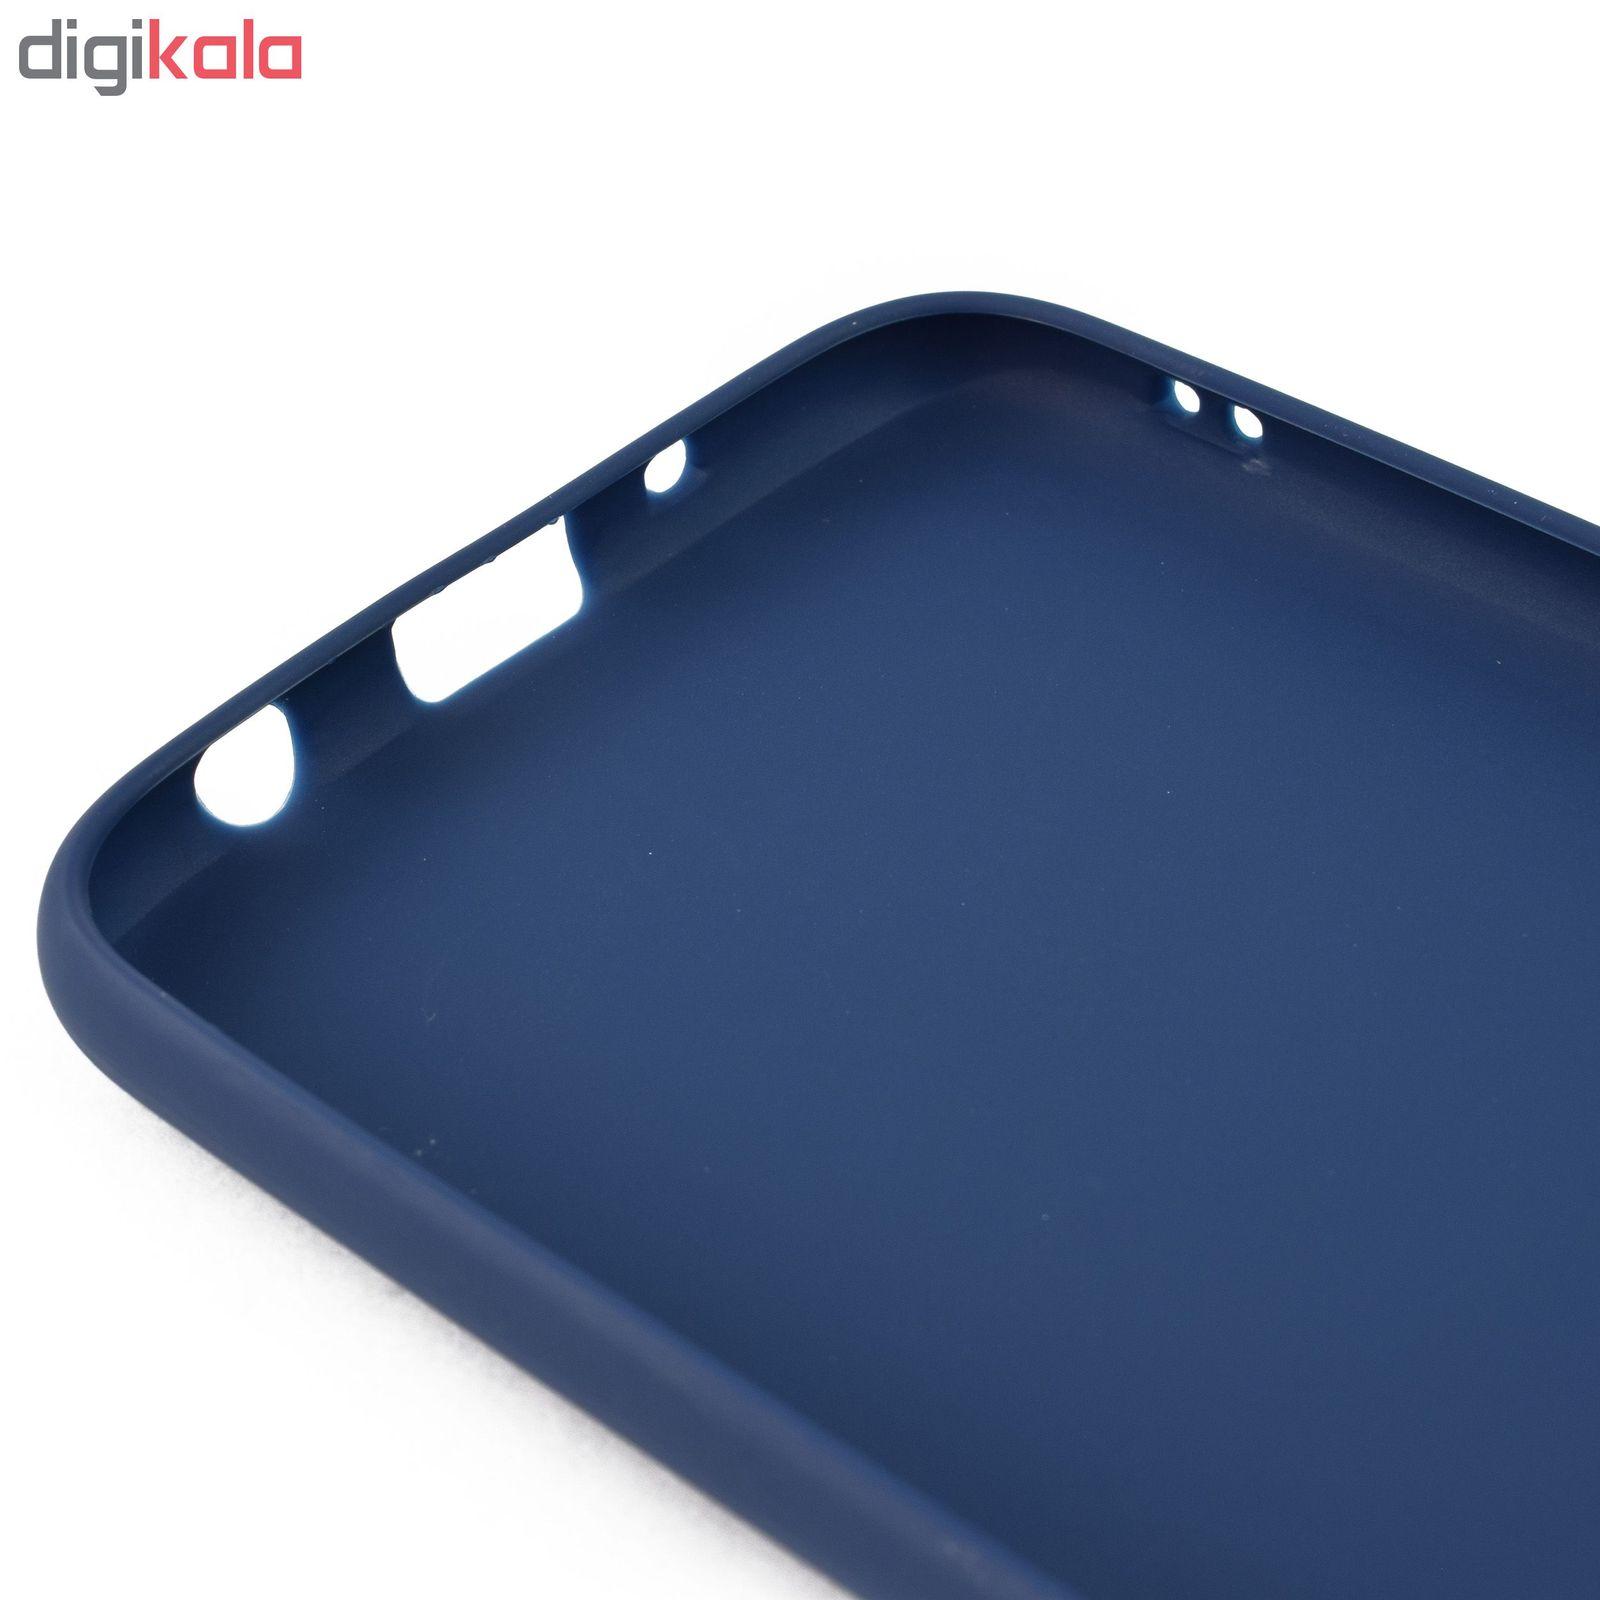 کاور مدل SC20 مناسب برای گوشی موبایل سامسونگ Galaxy J7 Pro / J730 main 1 10